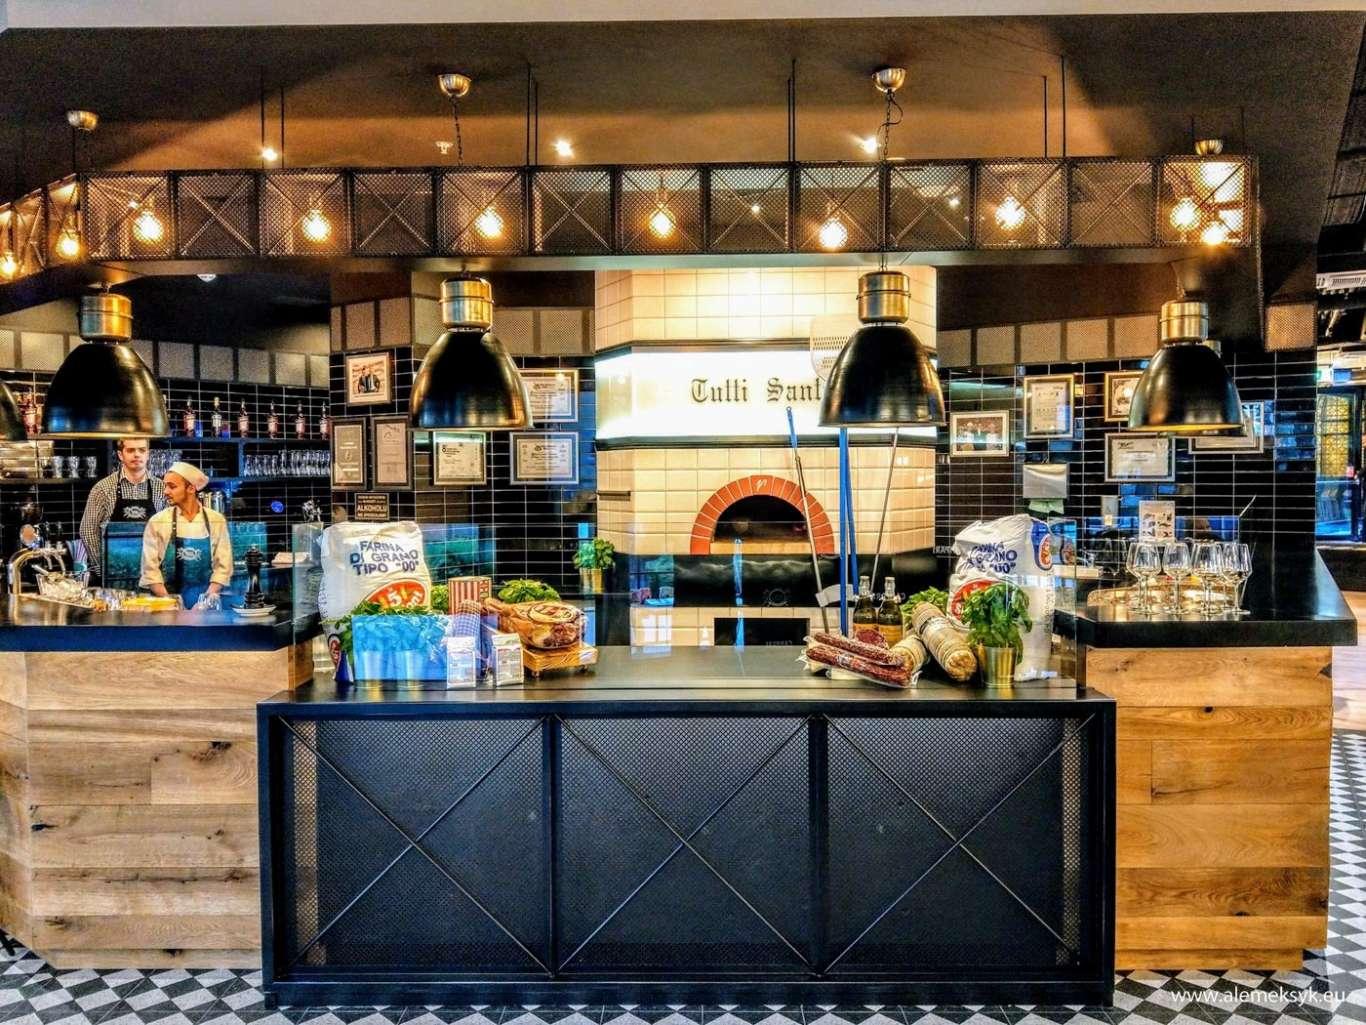 Włoska Restauracja Tutti Santi Pyszne Nowe Miejsce W